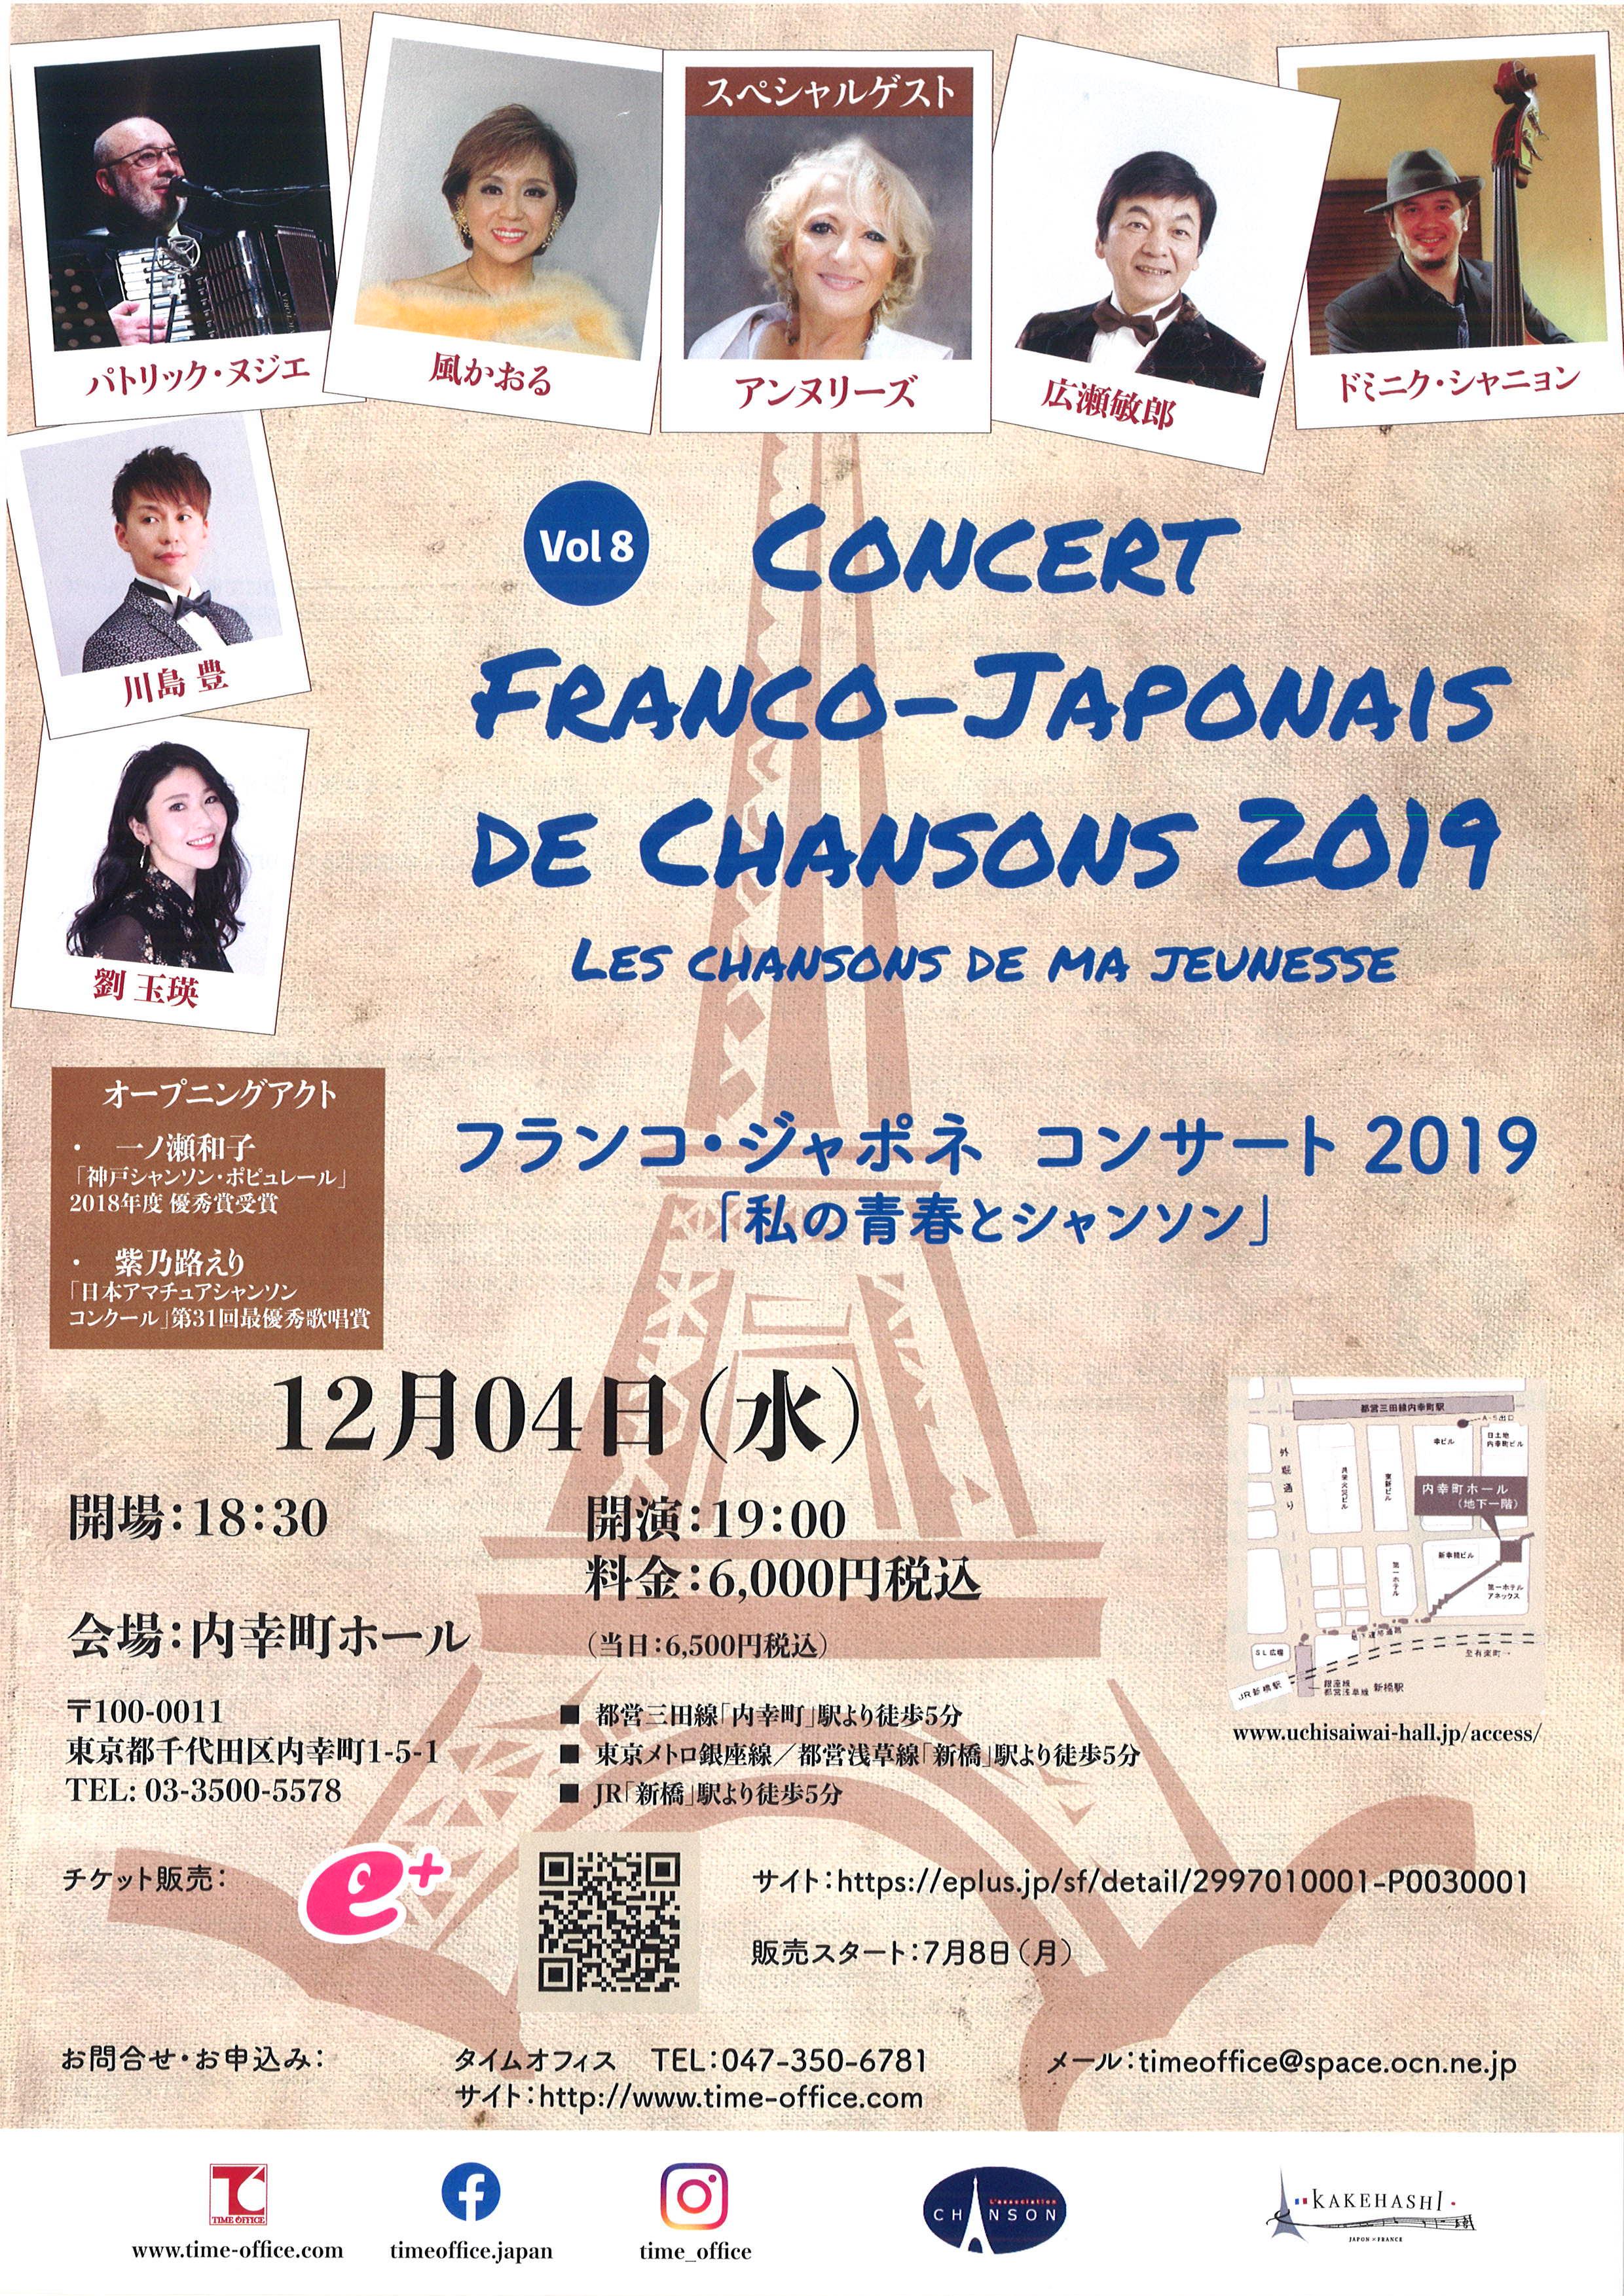 フランコ・ジャポネ コンサート2019.jpg